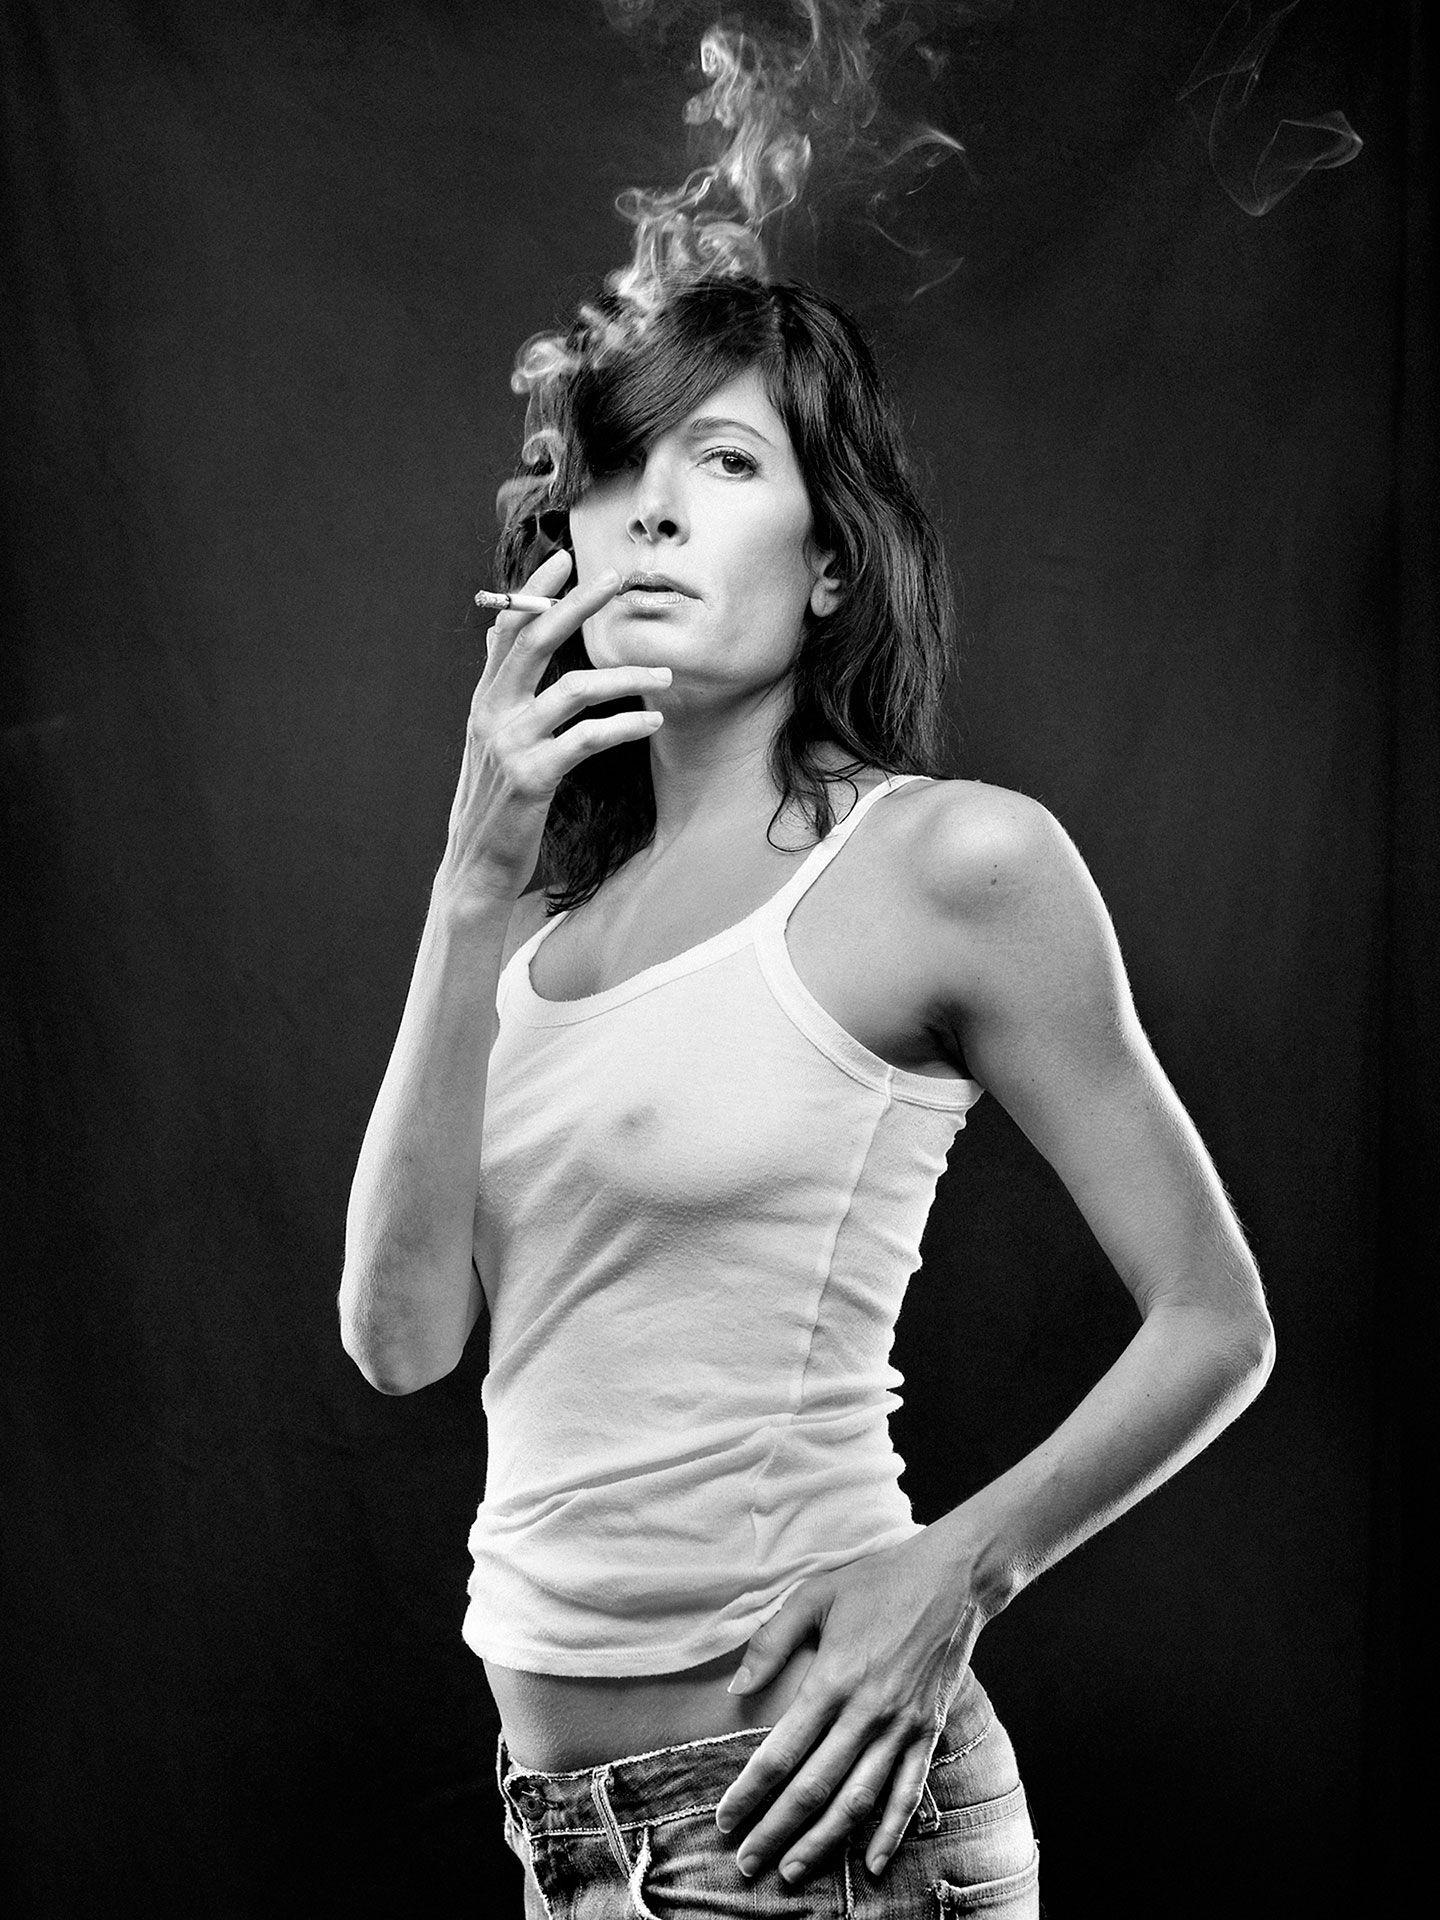 Portrait noir et blanc d'Anne-Marie Cadieux qui fume une cigarette.